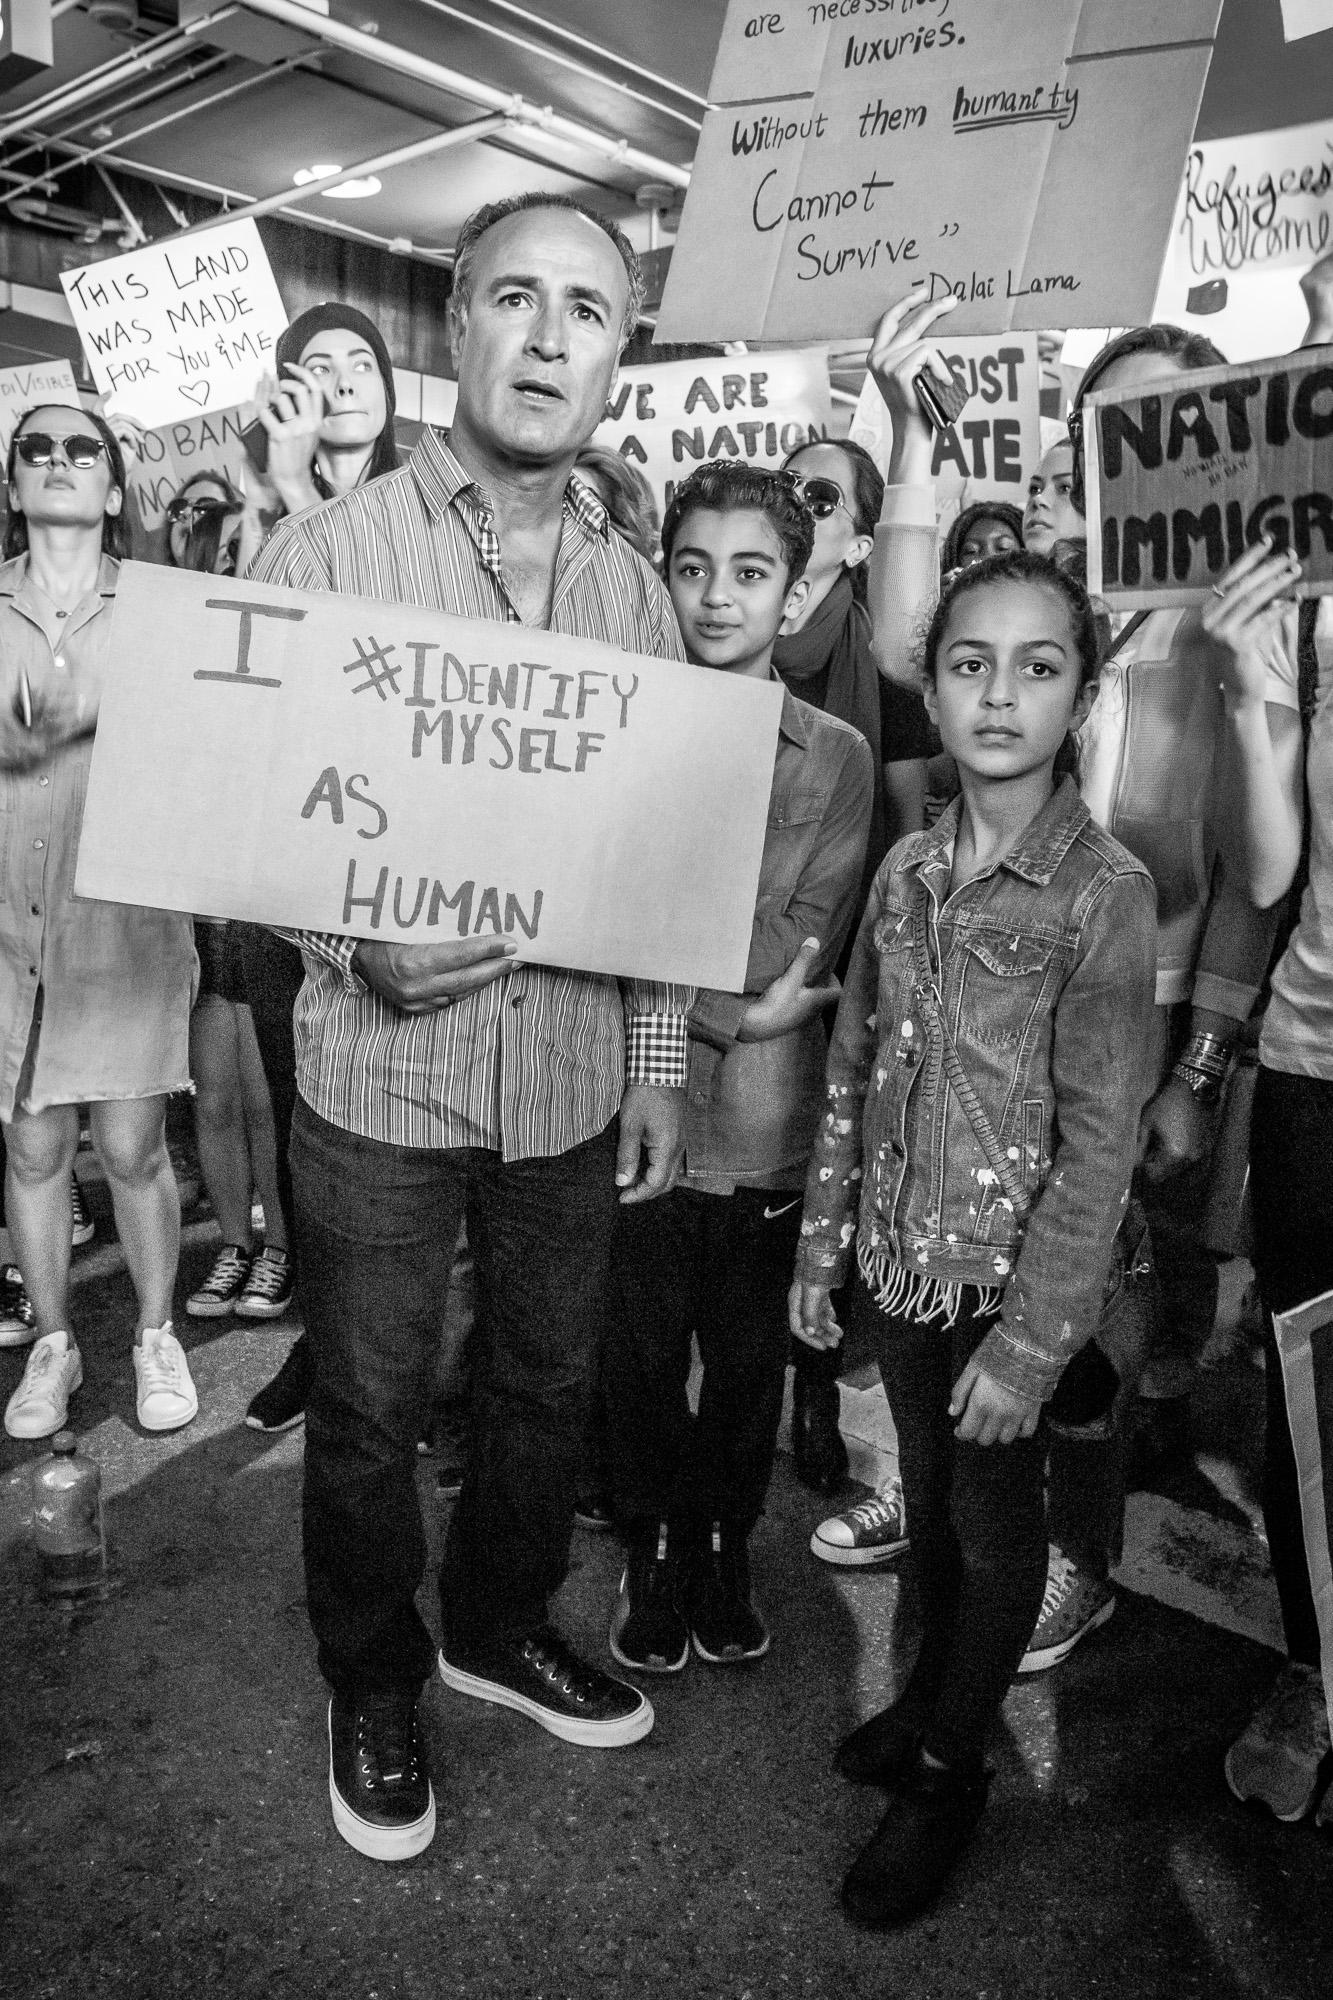 Protesting_36.jpg